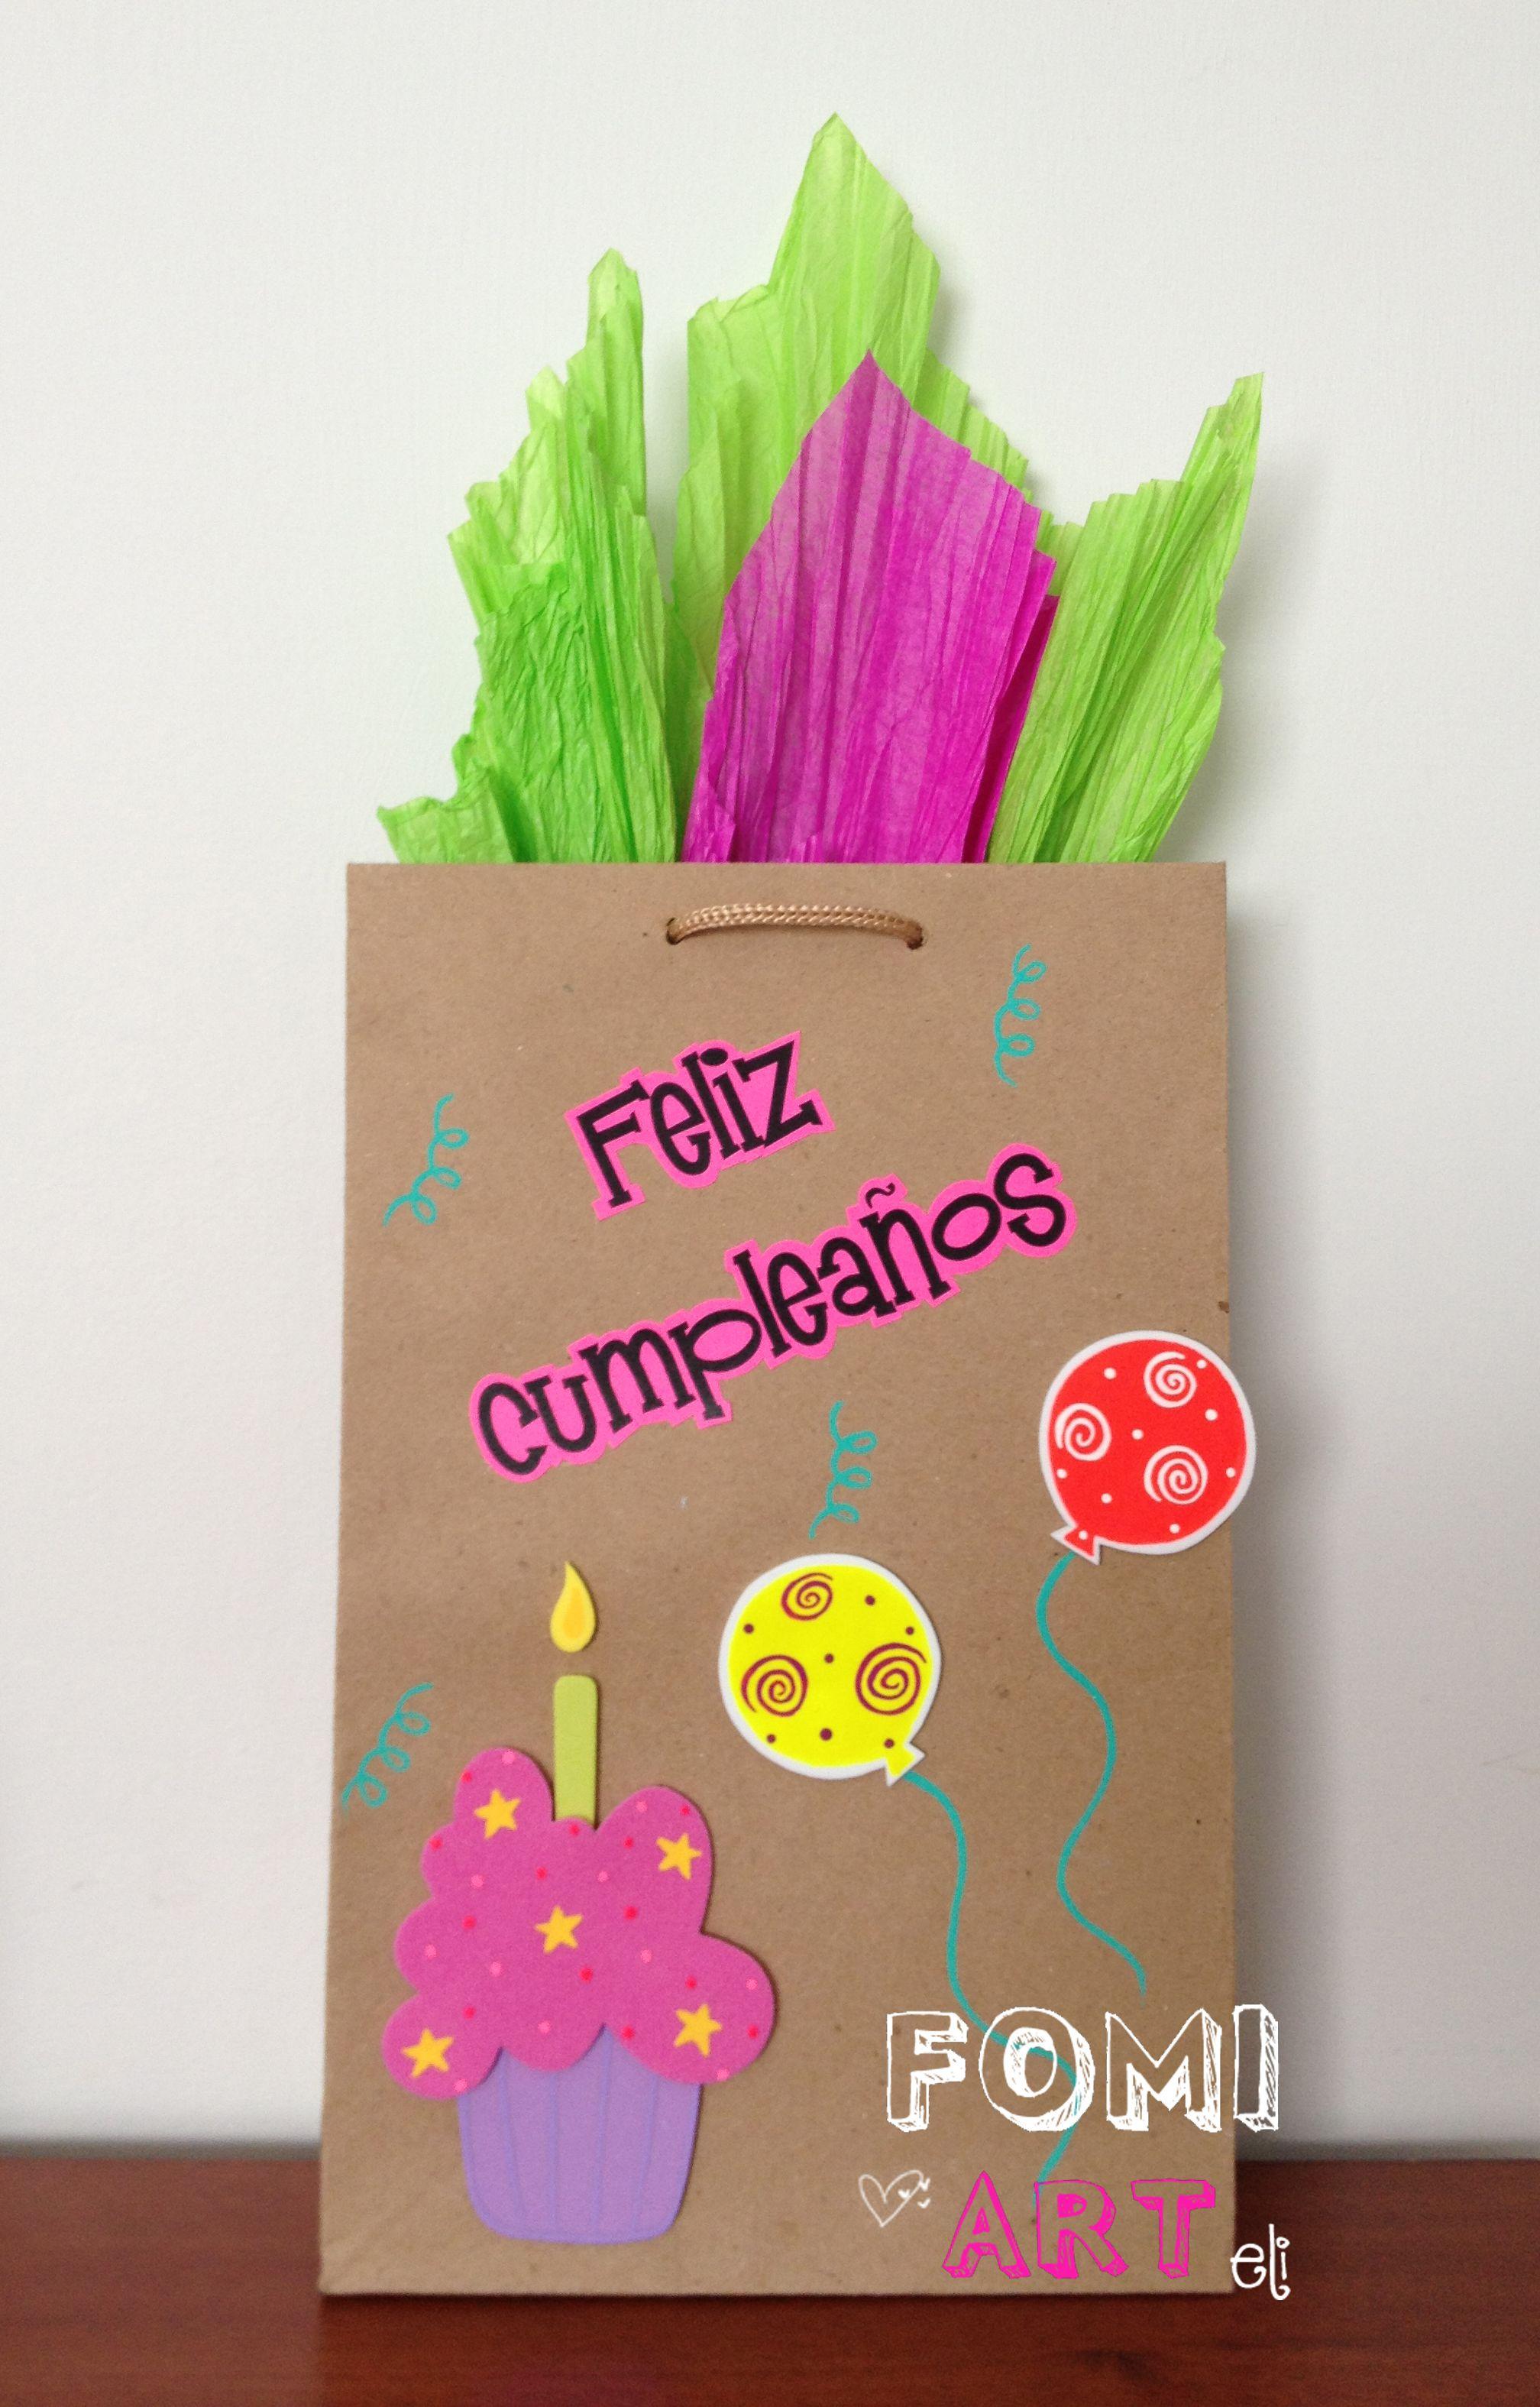 Bolsa feliz cumplea os decorada con fomi manualidades - Manualidades para cumpleanos ...